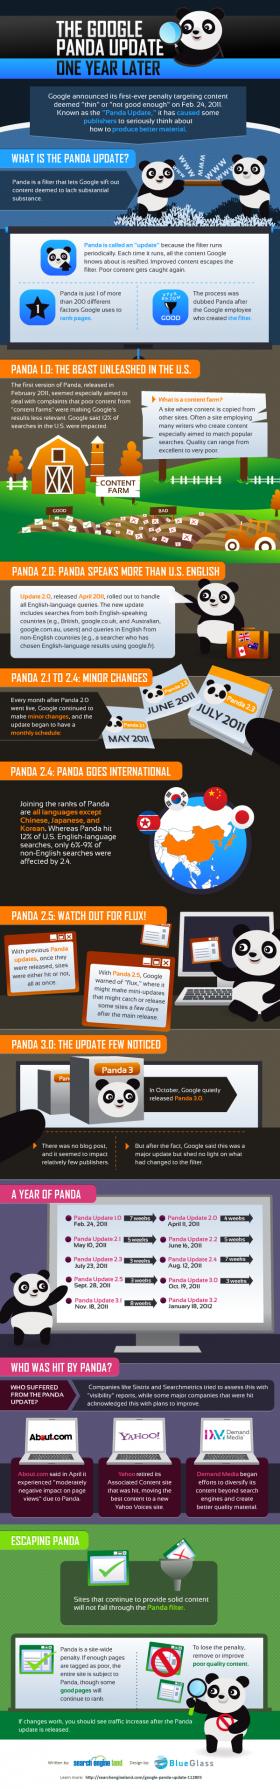 Aggiornamento di Google Panda e nuovo sistema per valutare i link